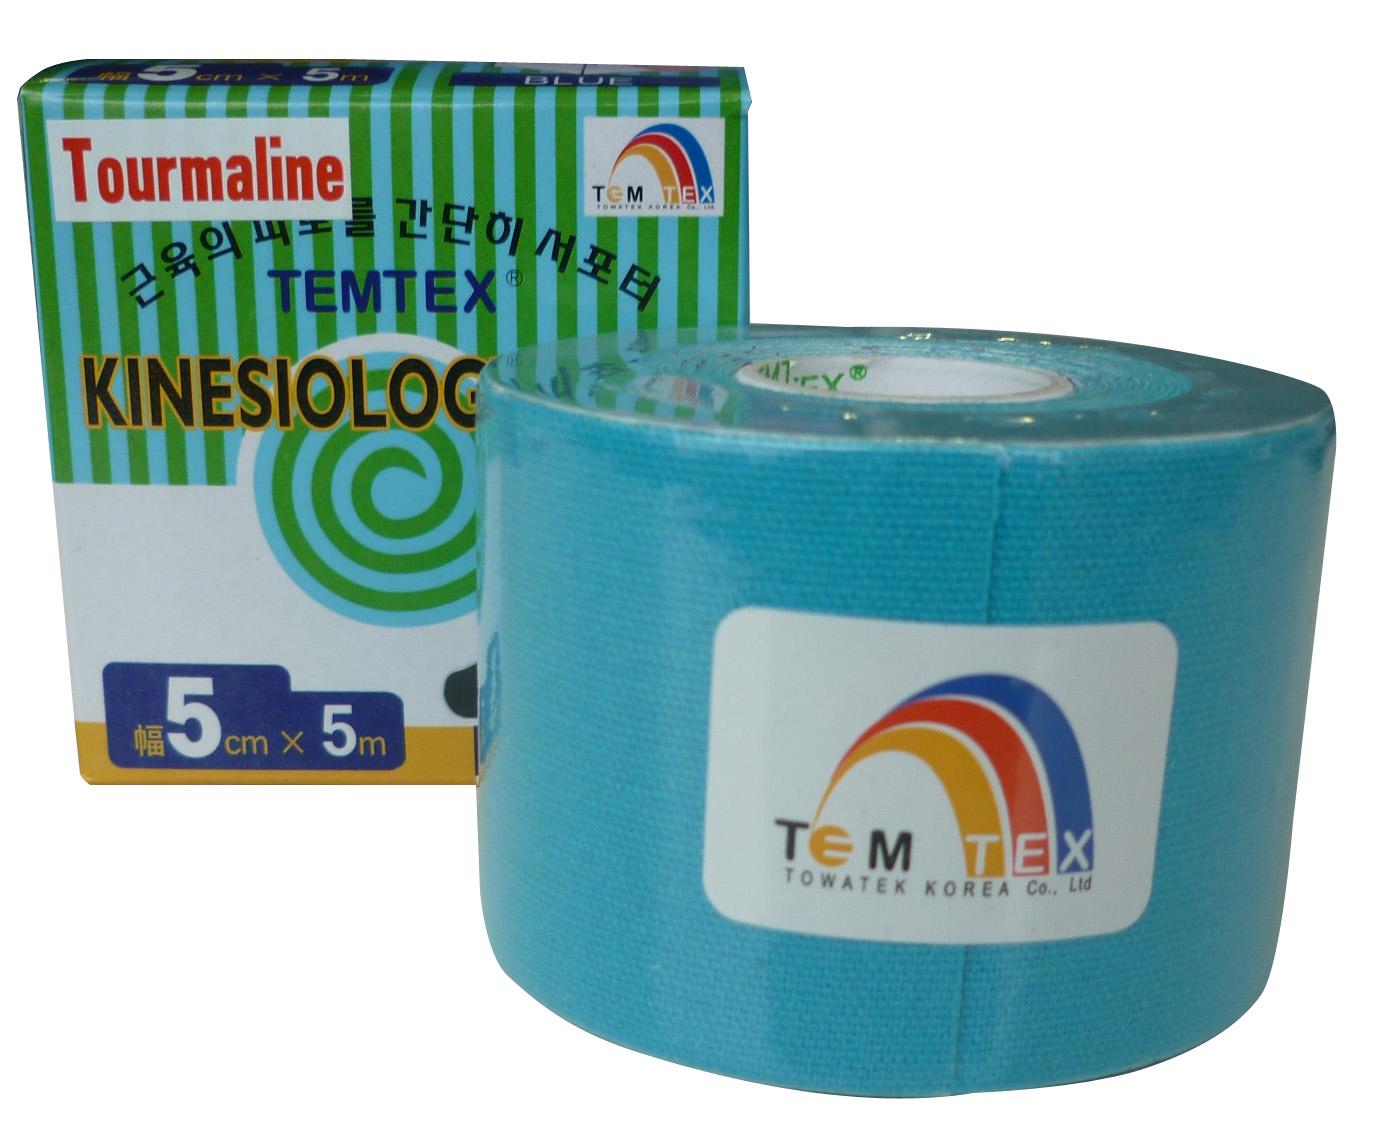 productos_5cmancho_tour_azul